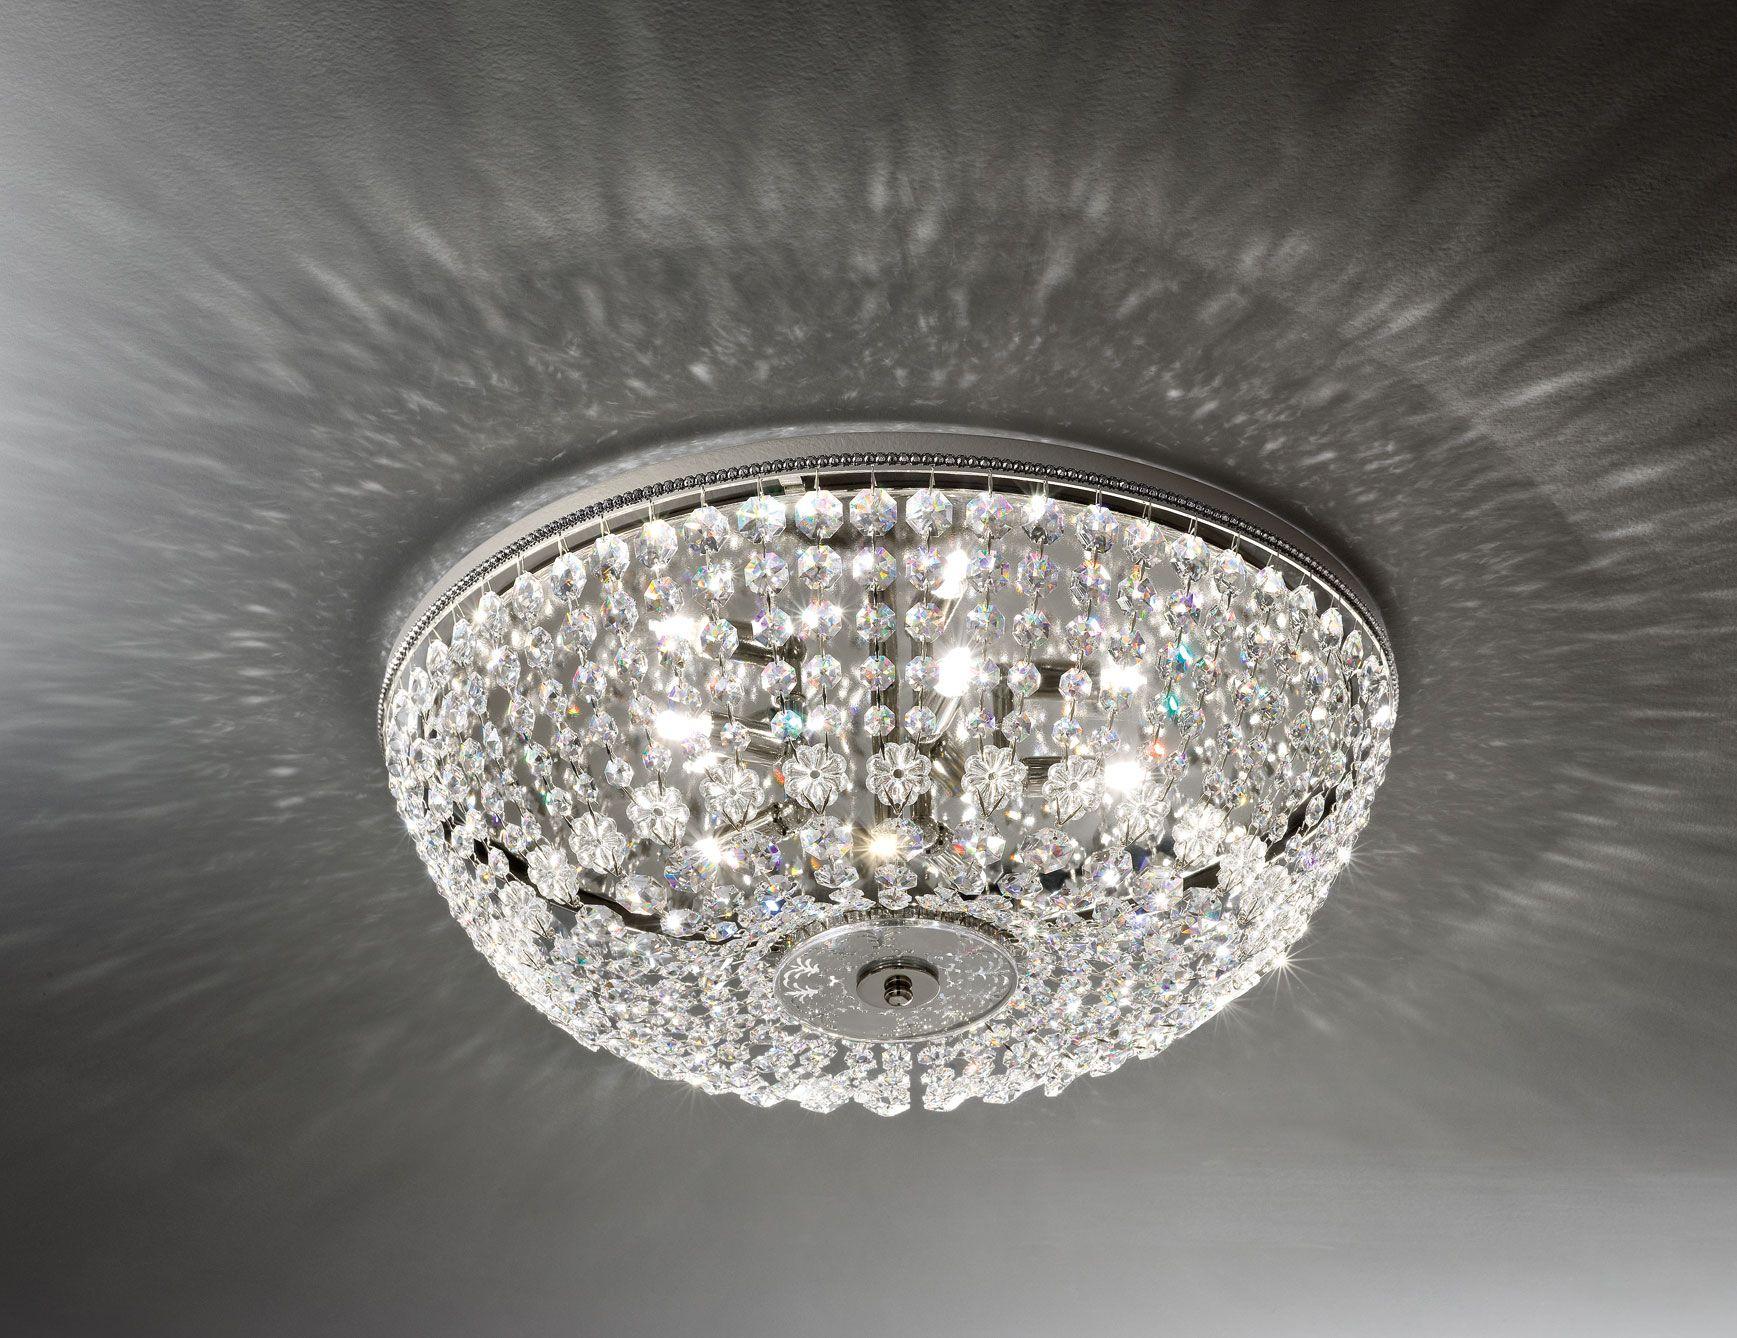 Bathroom Lighting Fixtures Louisville Ky swarovski crystal lighting fixtures for bathroom. | upstairs hall